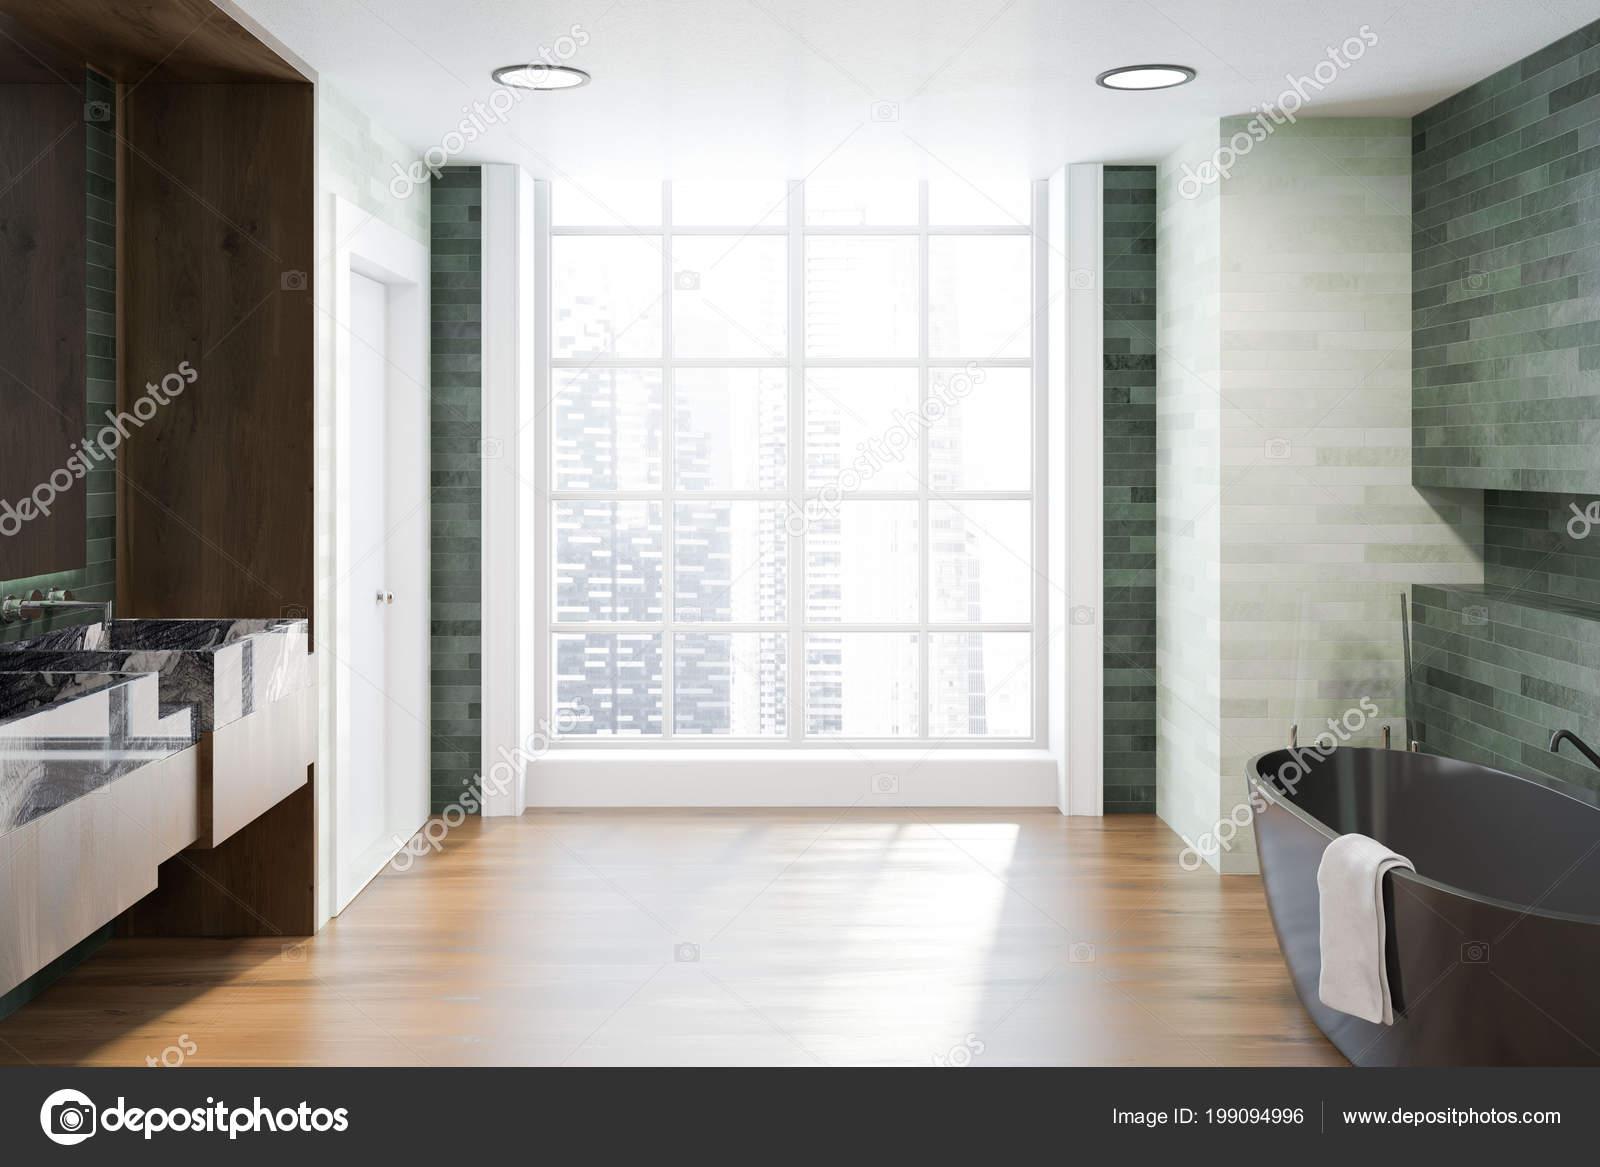 Intérieur Salle Bain Luxe Avec Des Murs Blancs Émeraudes Plancher ...